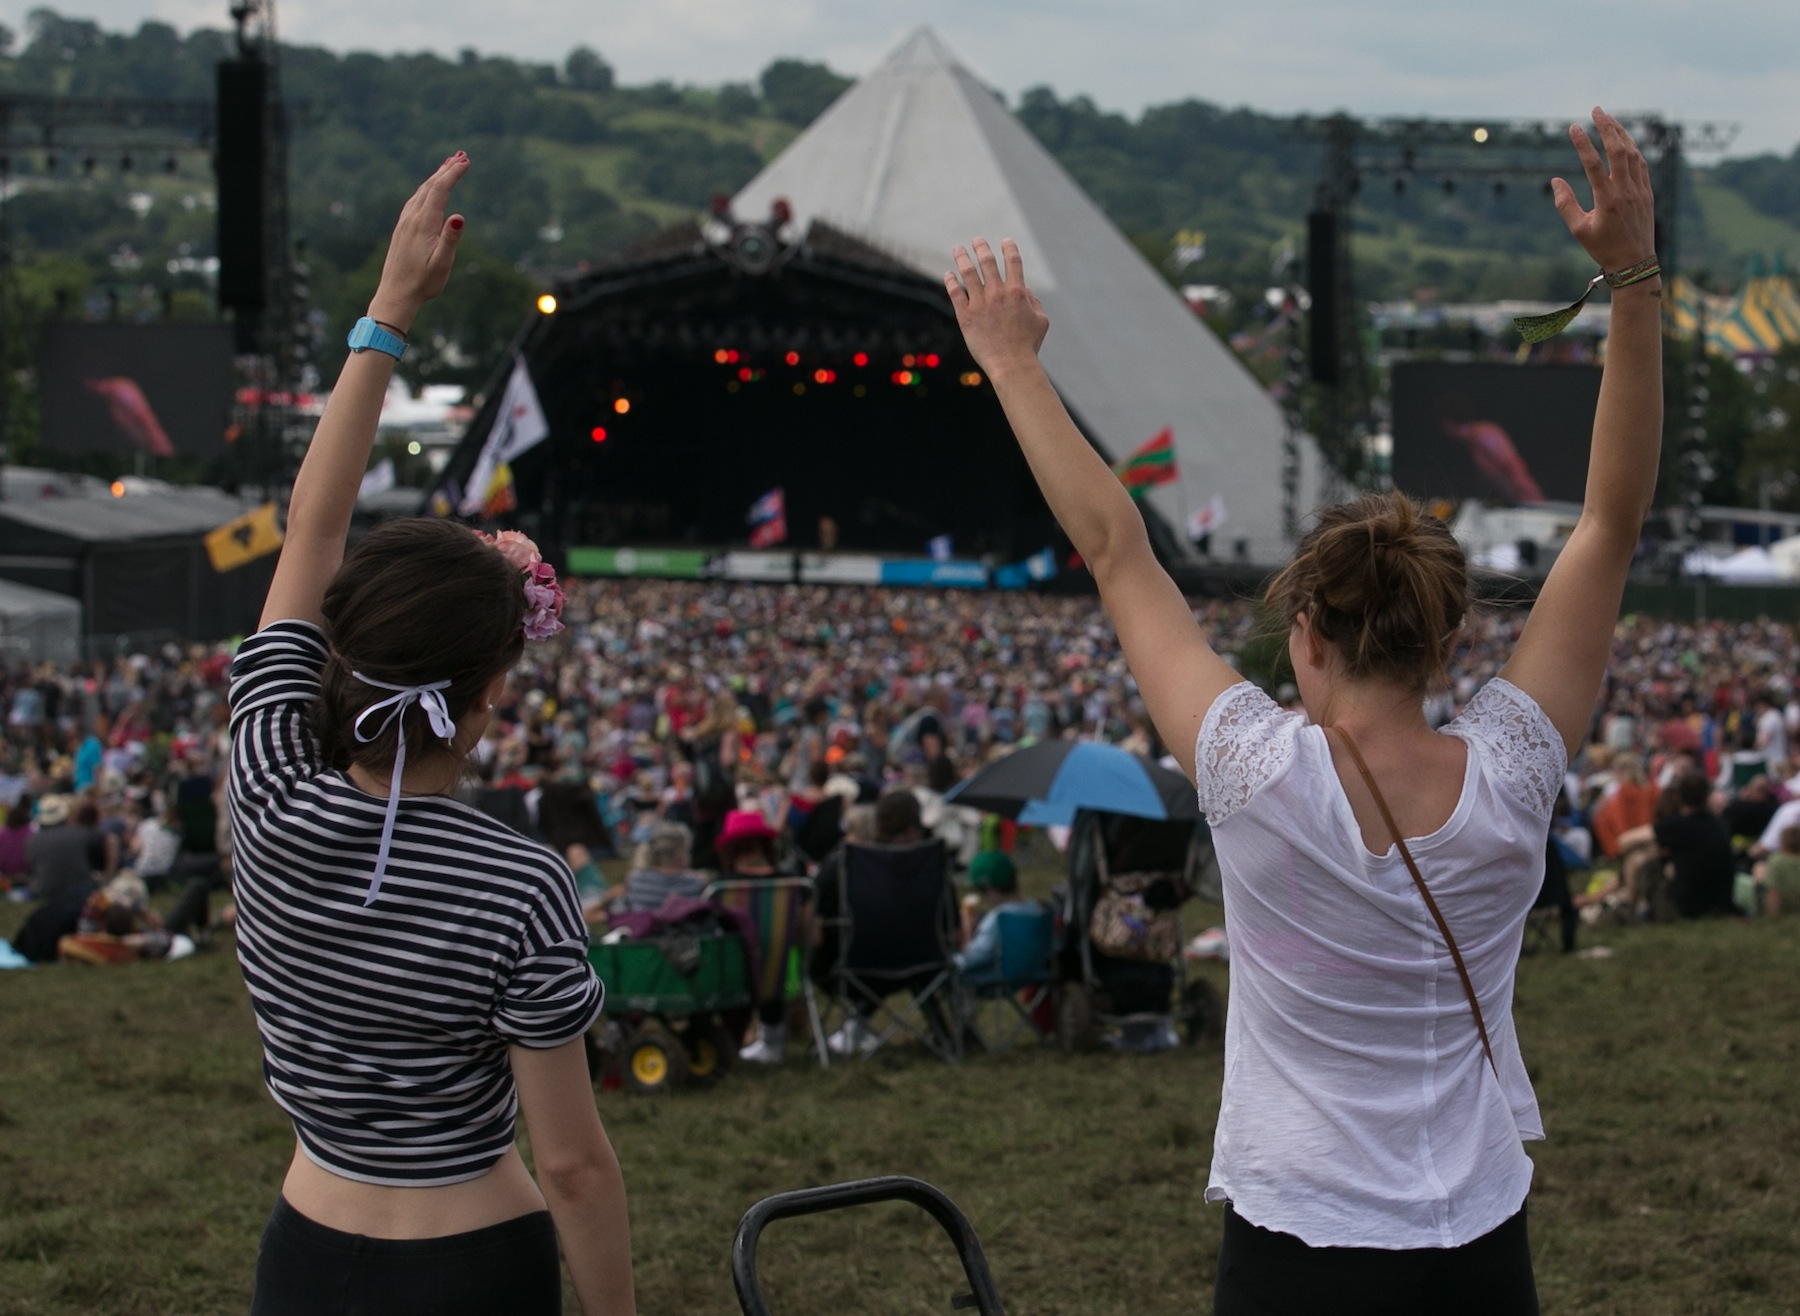 Festival goers at the 2014 Glastonbury Festival on June 29, 2014 in Glastonbury, England.